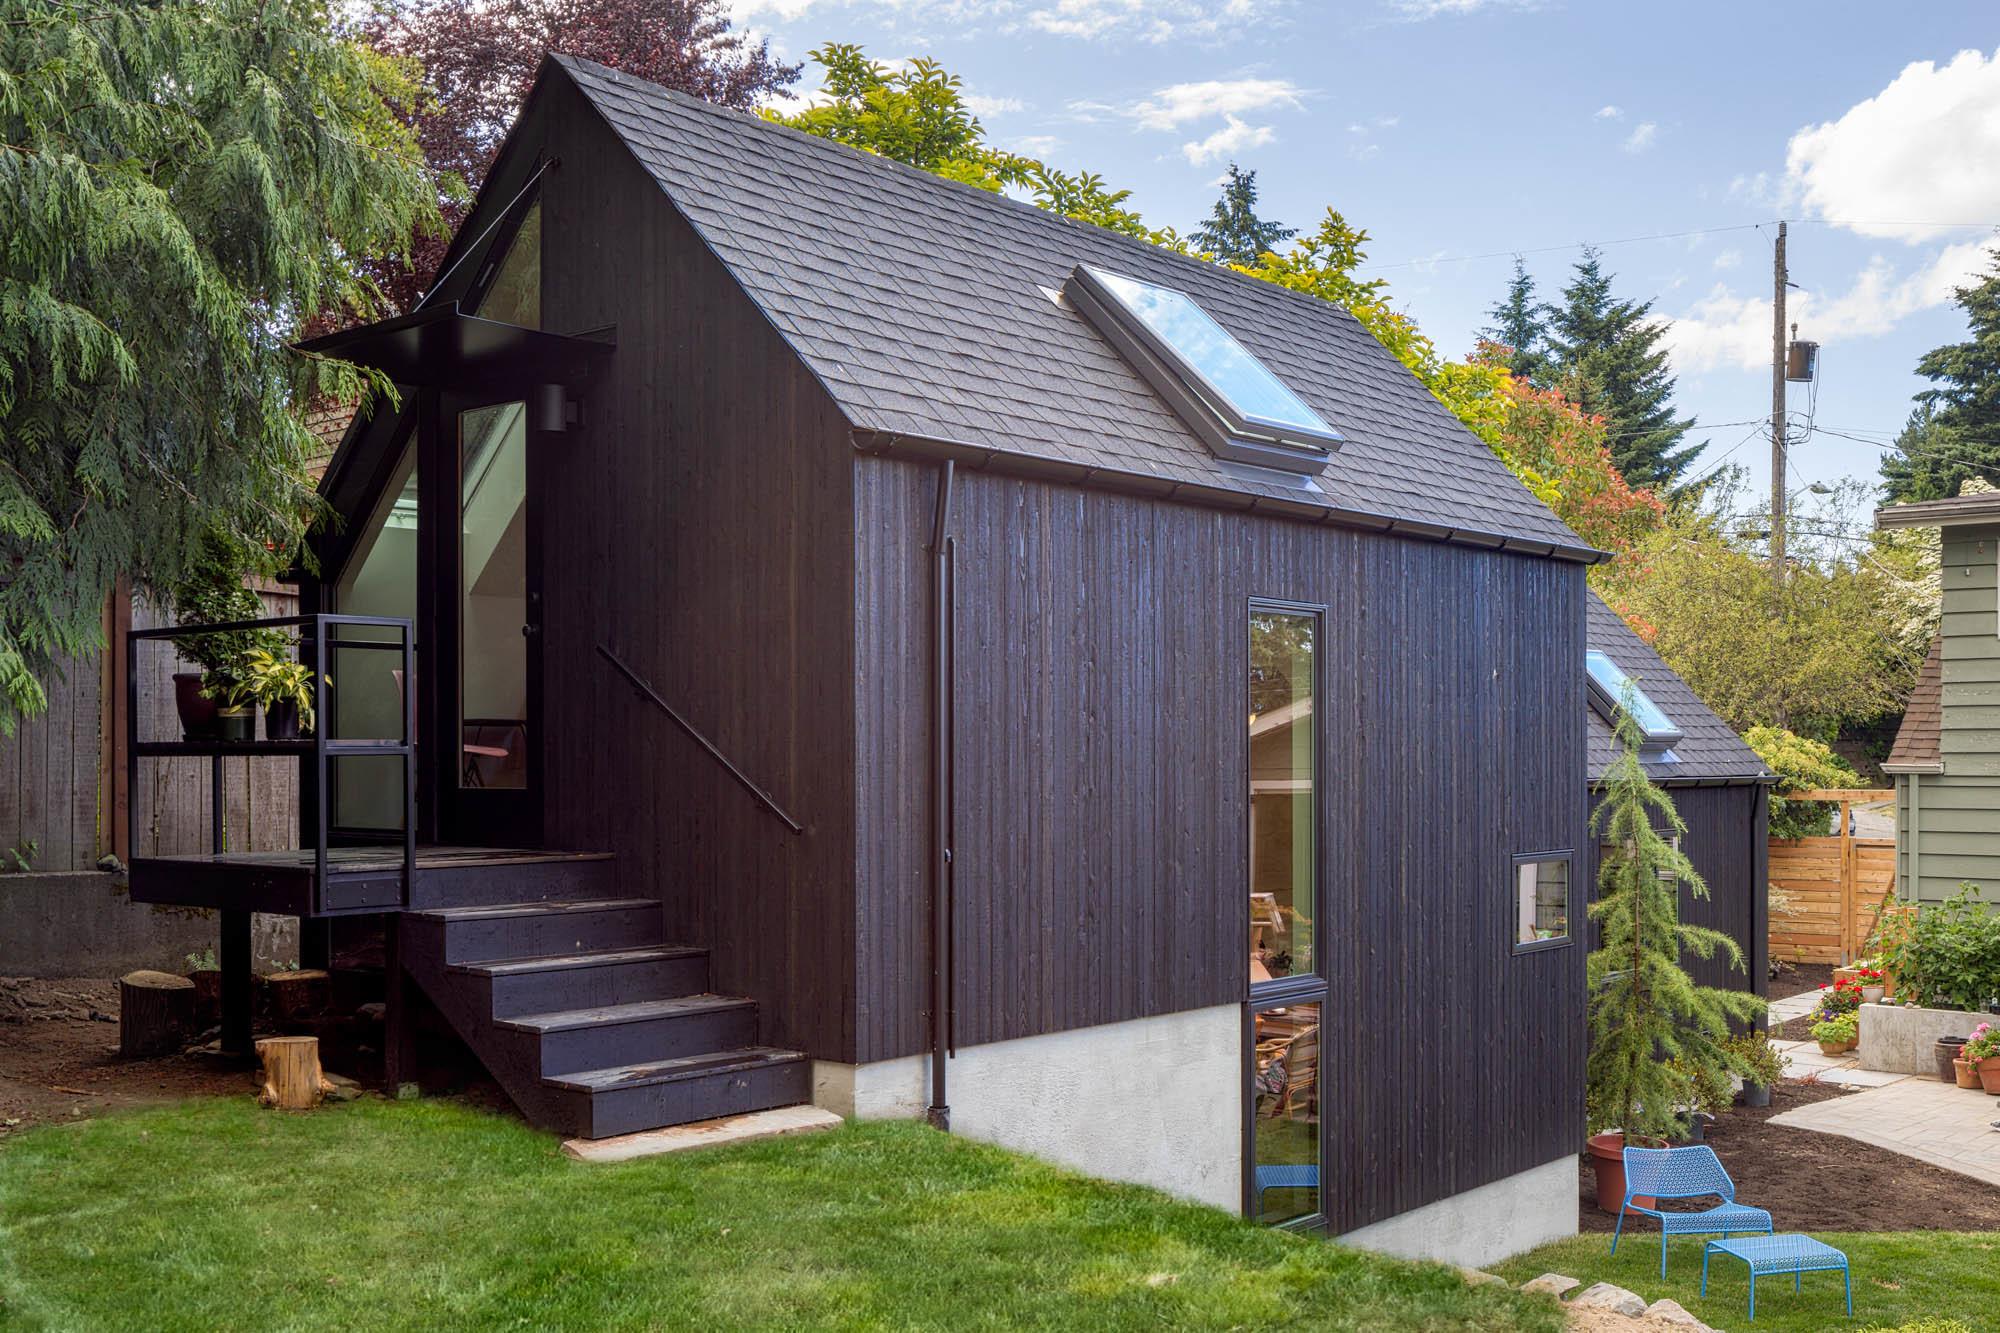 Dom zrobiony z garażu